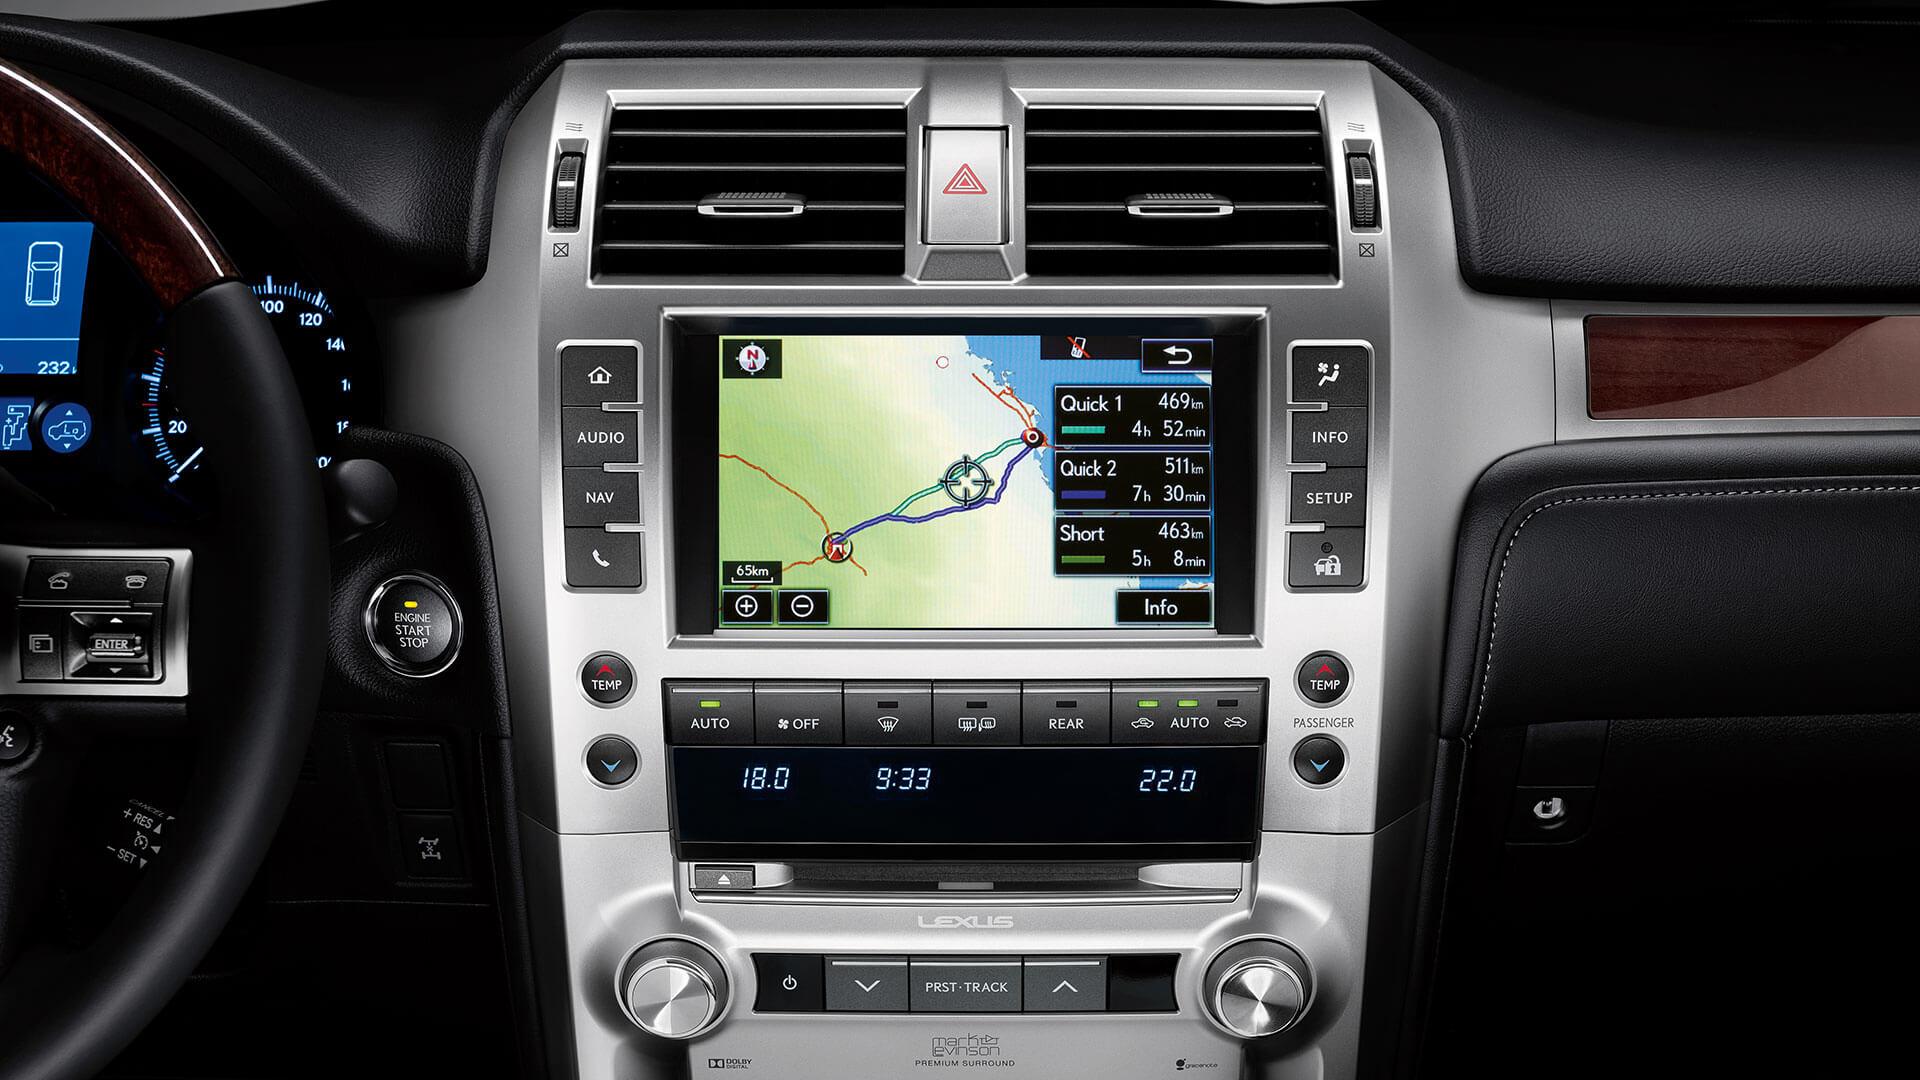 2017 lexus gx 460 features navigation